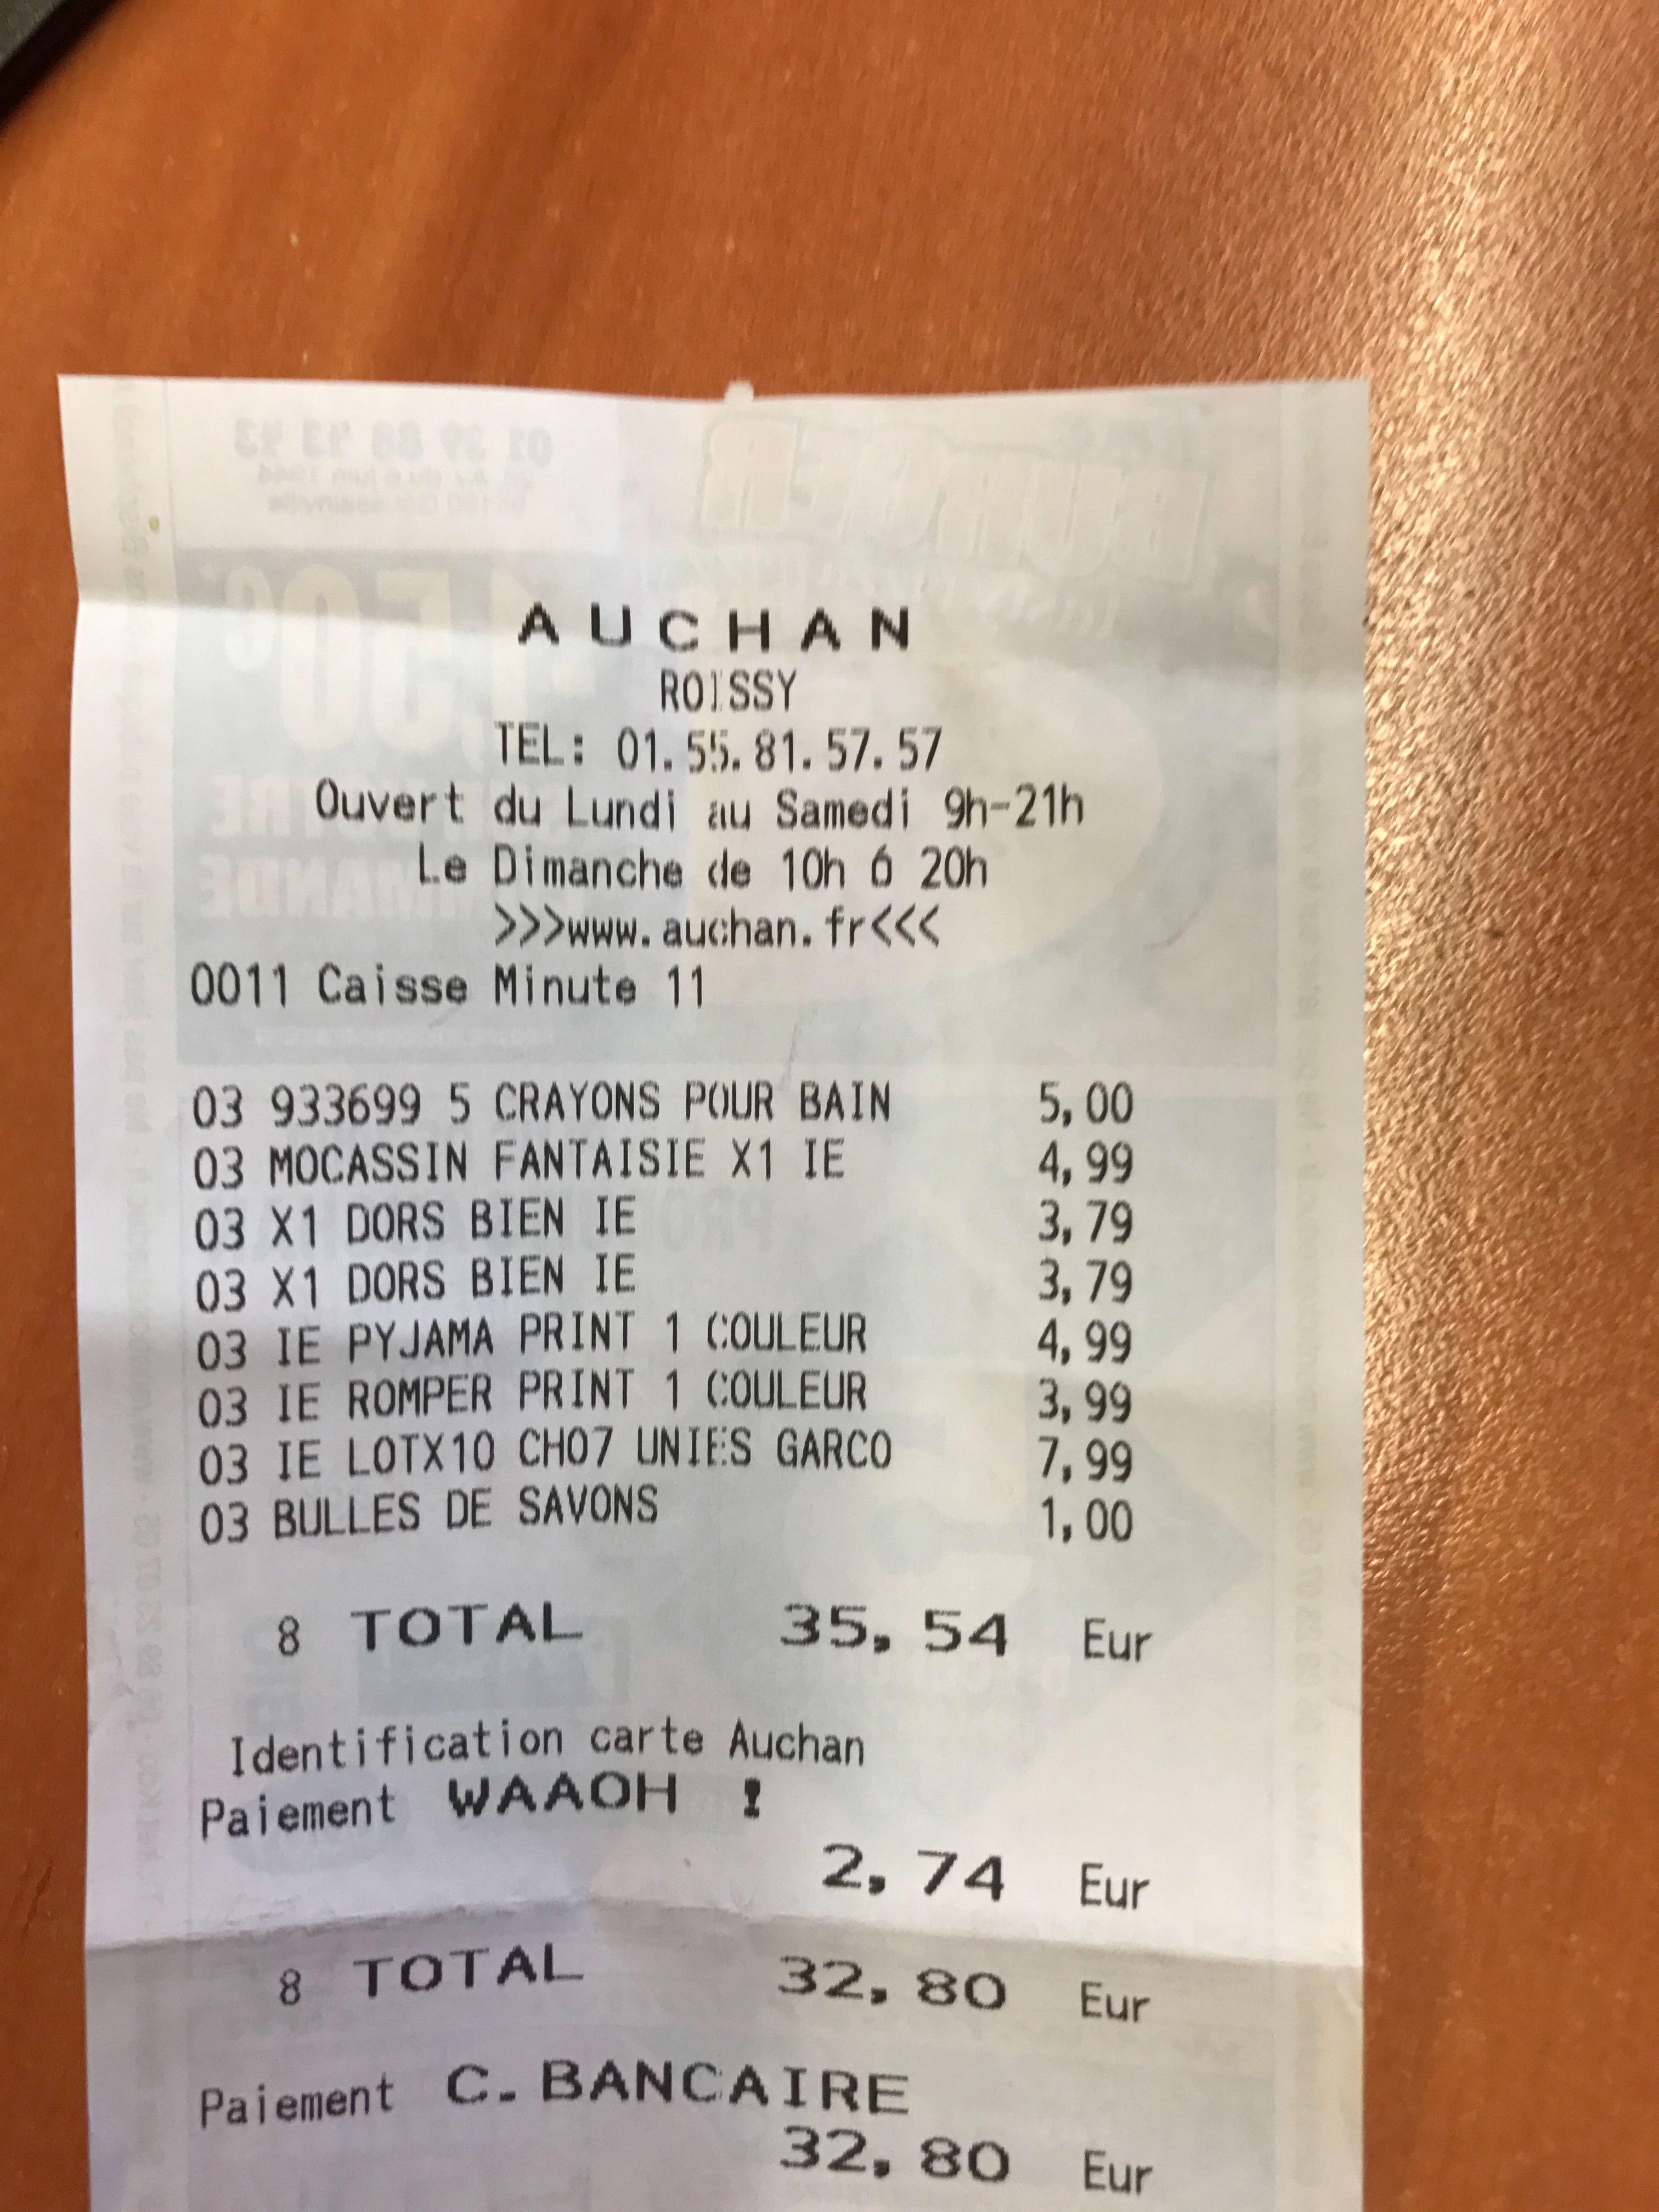 Carte Auchan Waaoh Perdu.Auchan Roissy En France Contactez Le Directeur